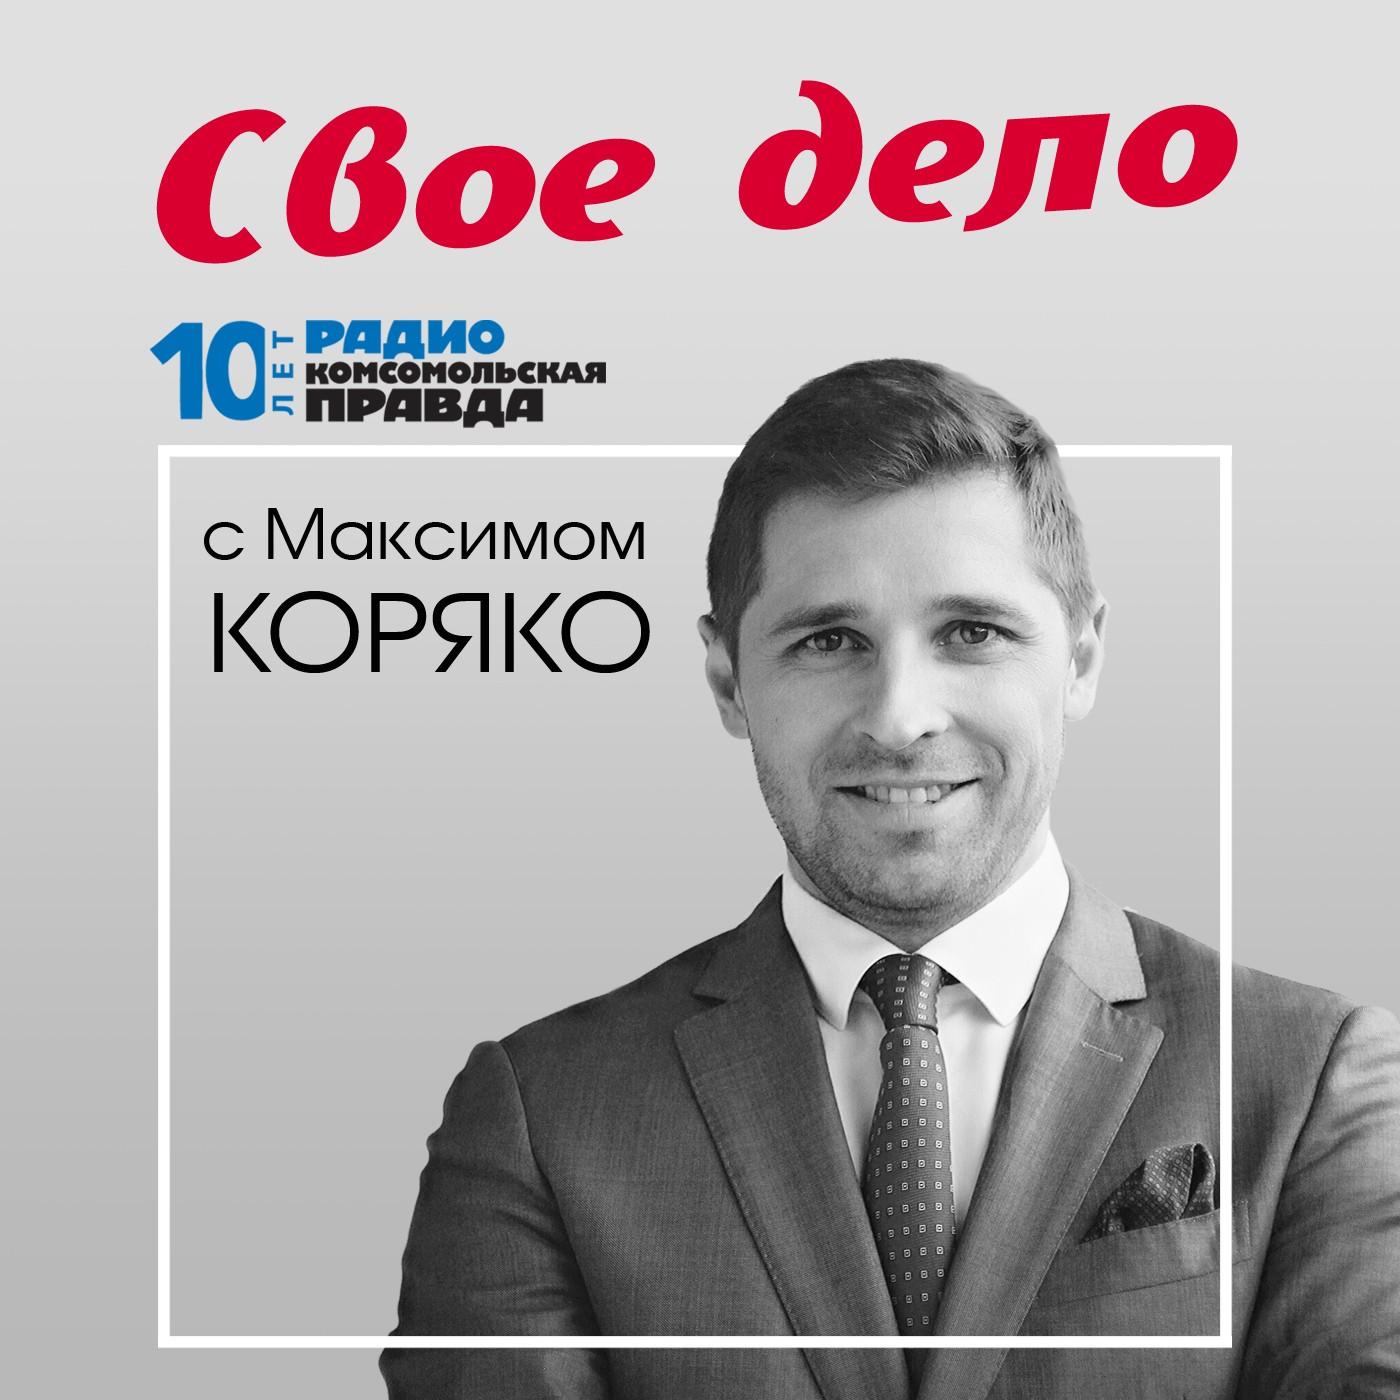 Радио «Комсомольская правда» Самые частые ошибки предпринимателей